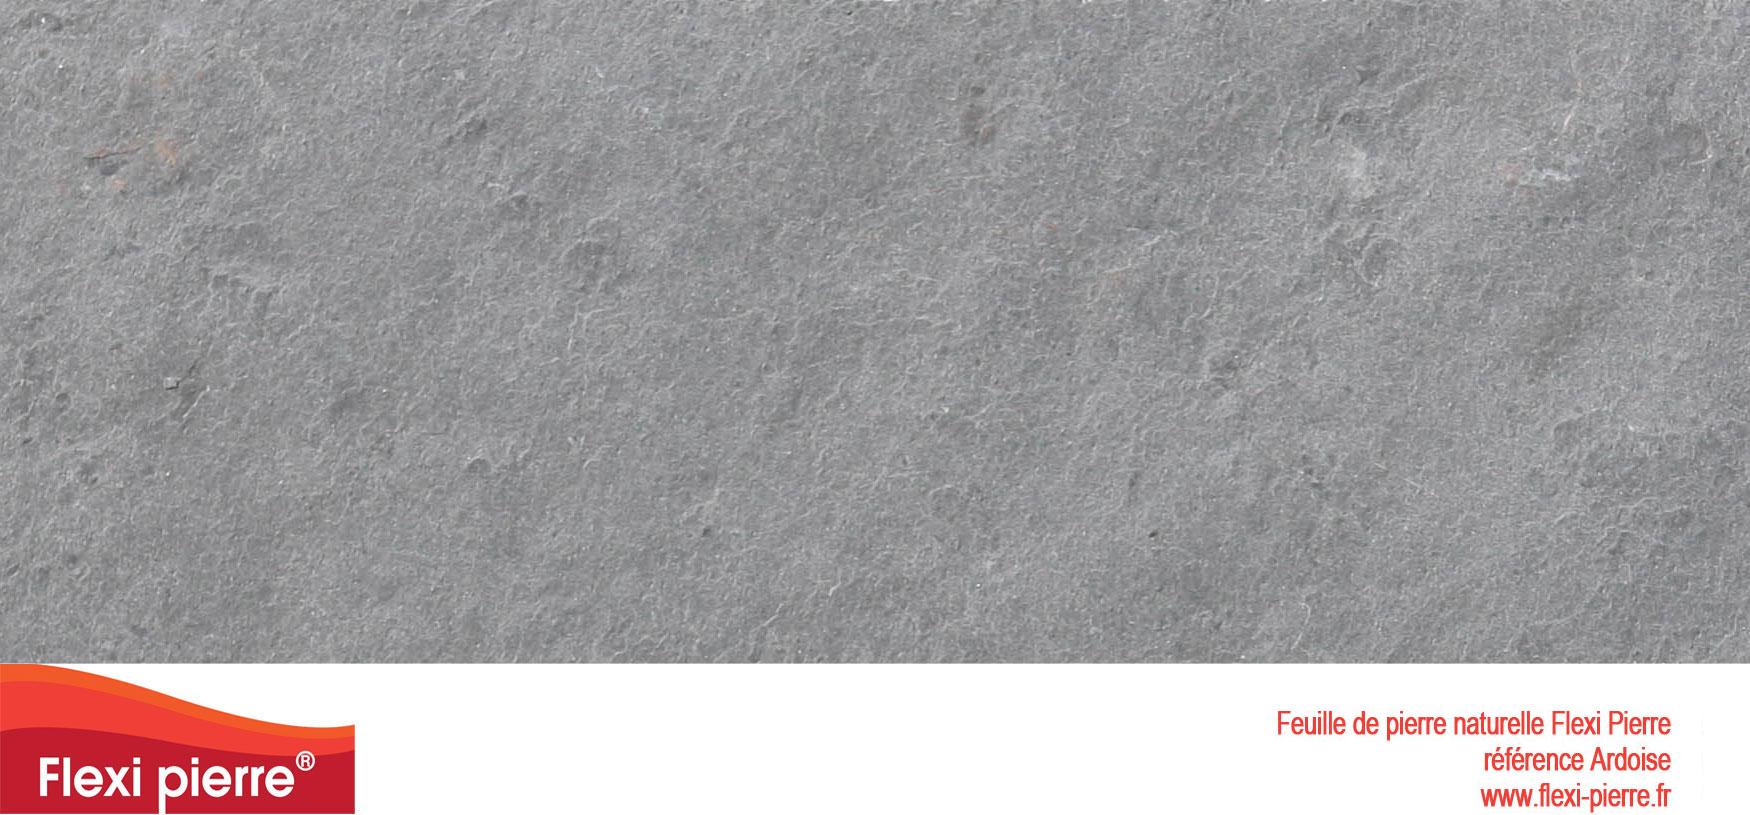 Feuille de pierre Flexi-Pierre, référence Ardoise. Cliquez pour agrandir.